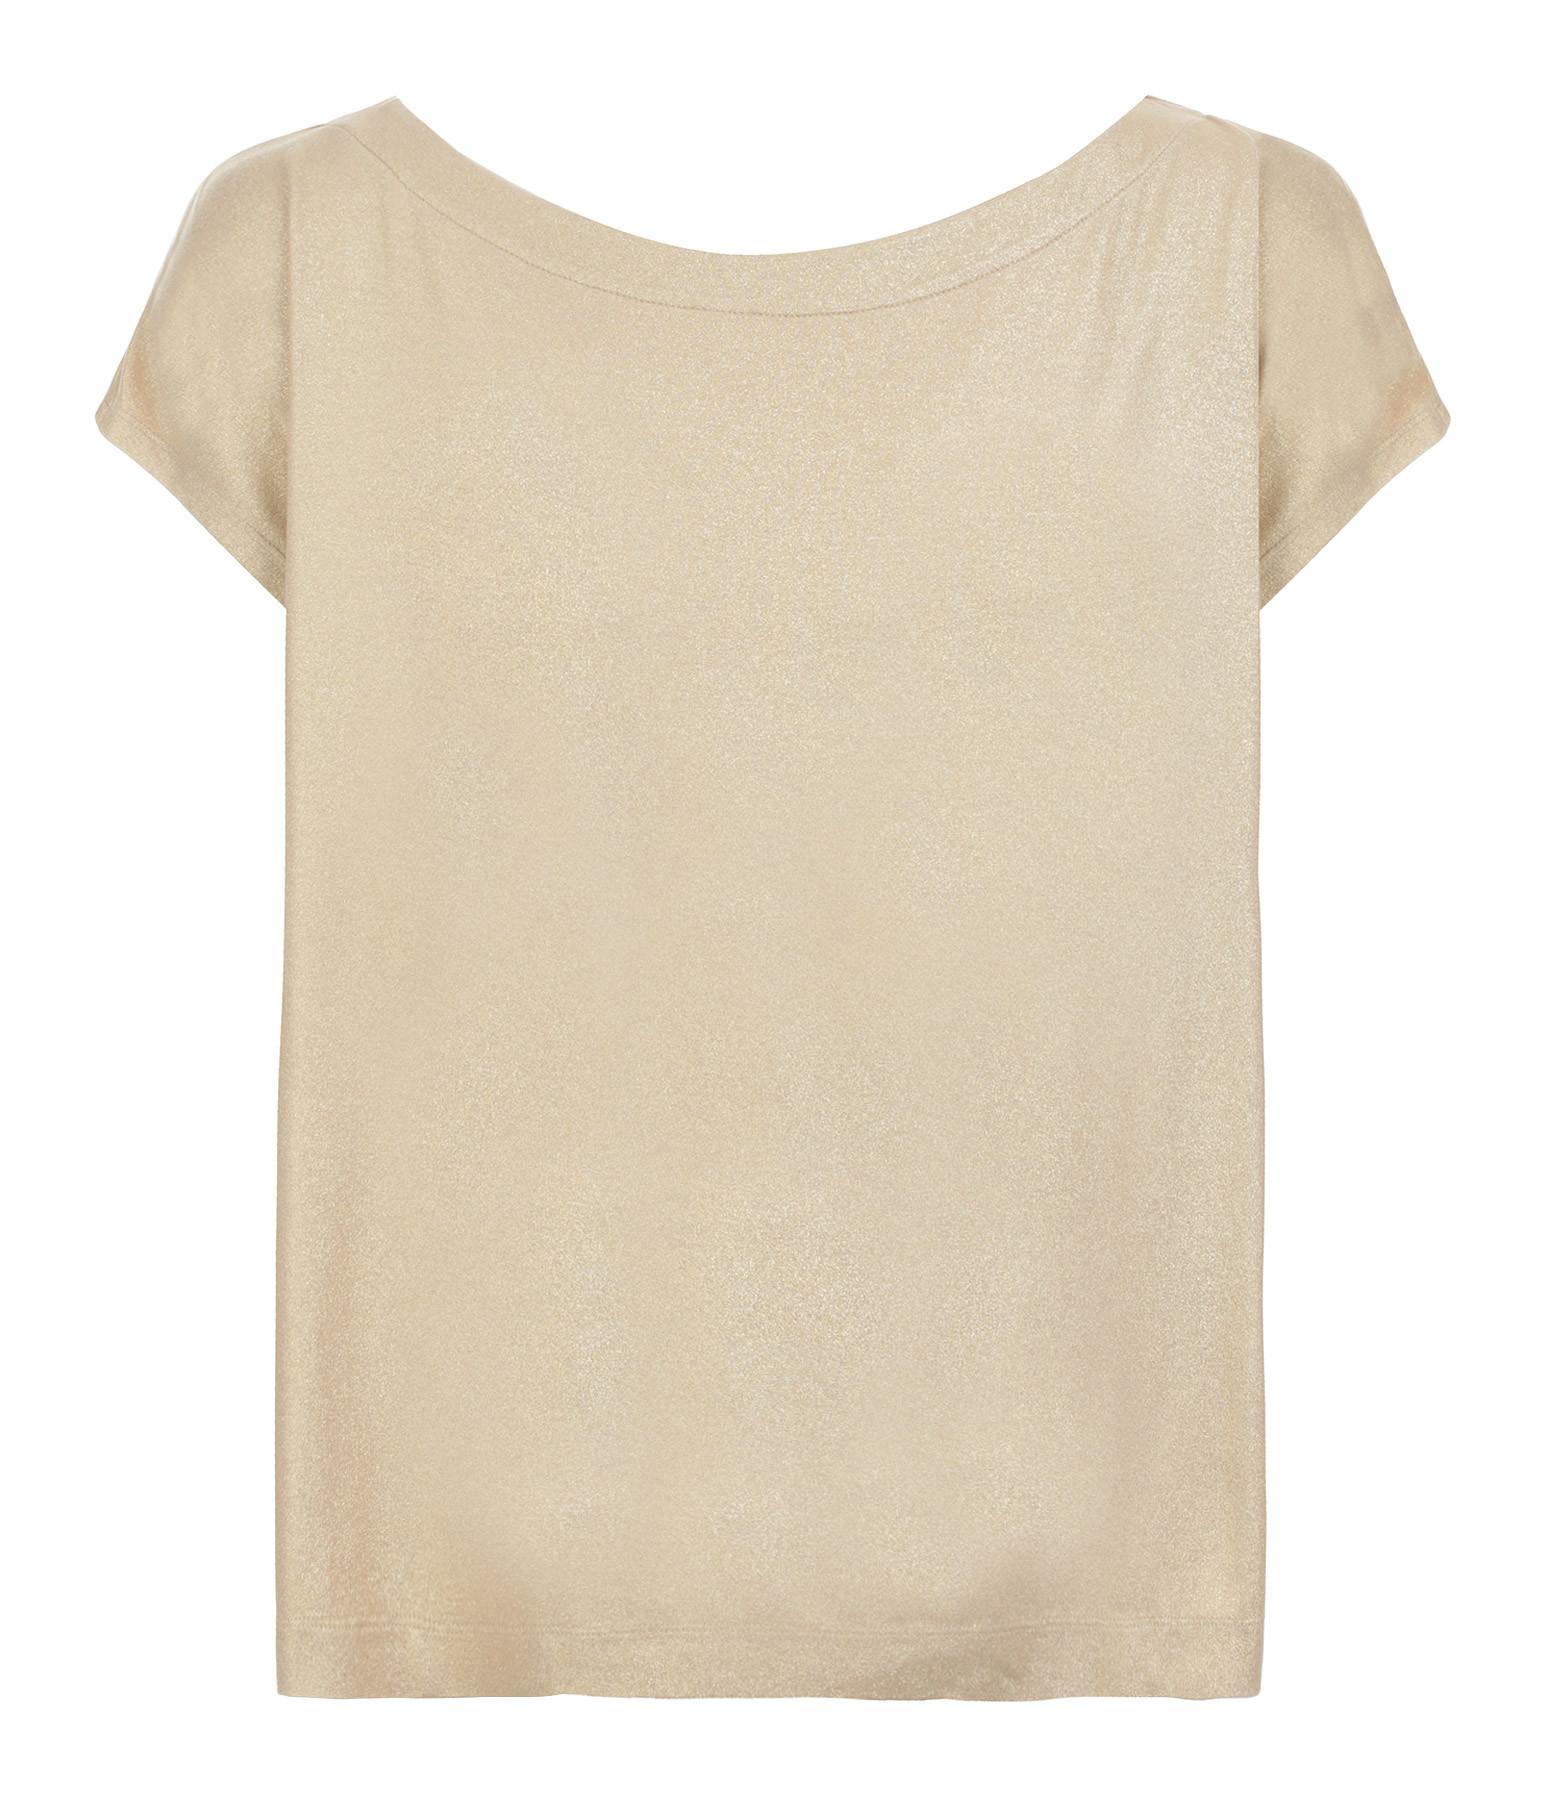 MAJESTIC FILATURES - Tee-shirt Col Bateau Sable Doré